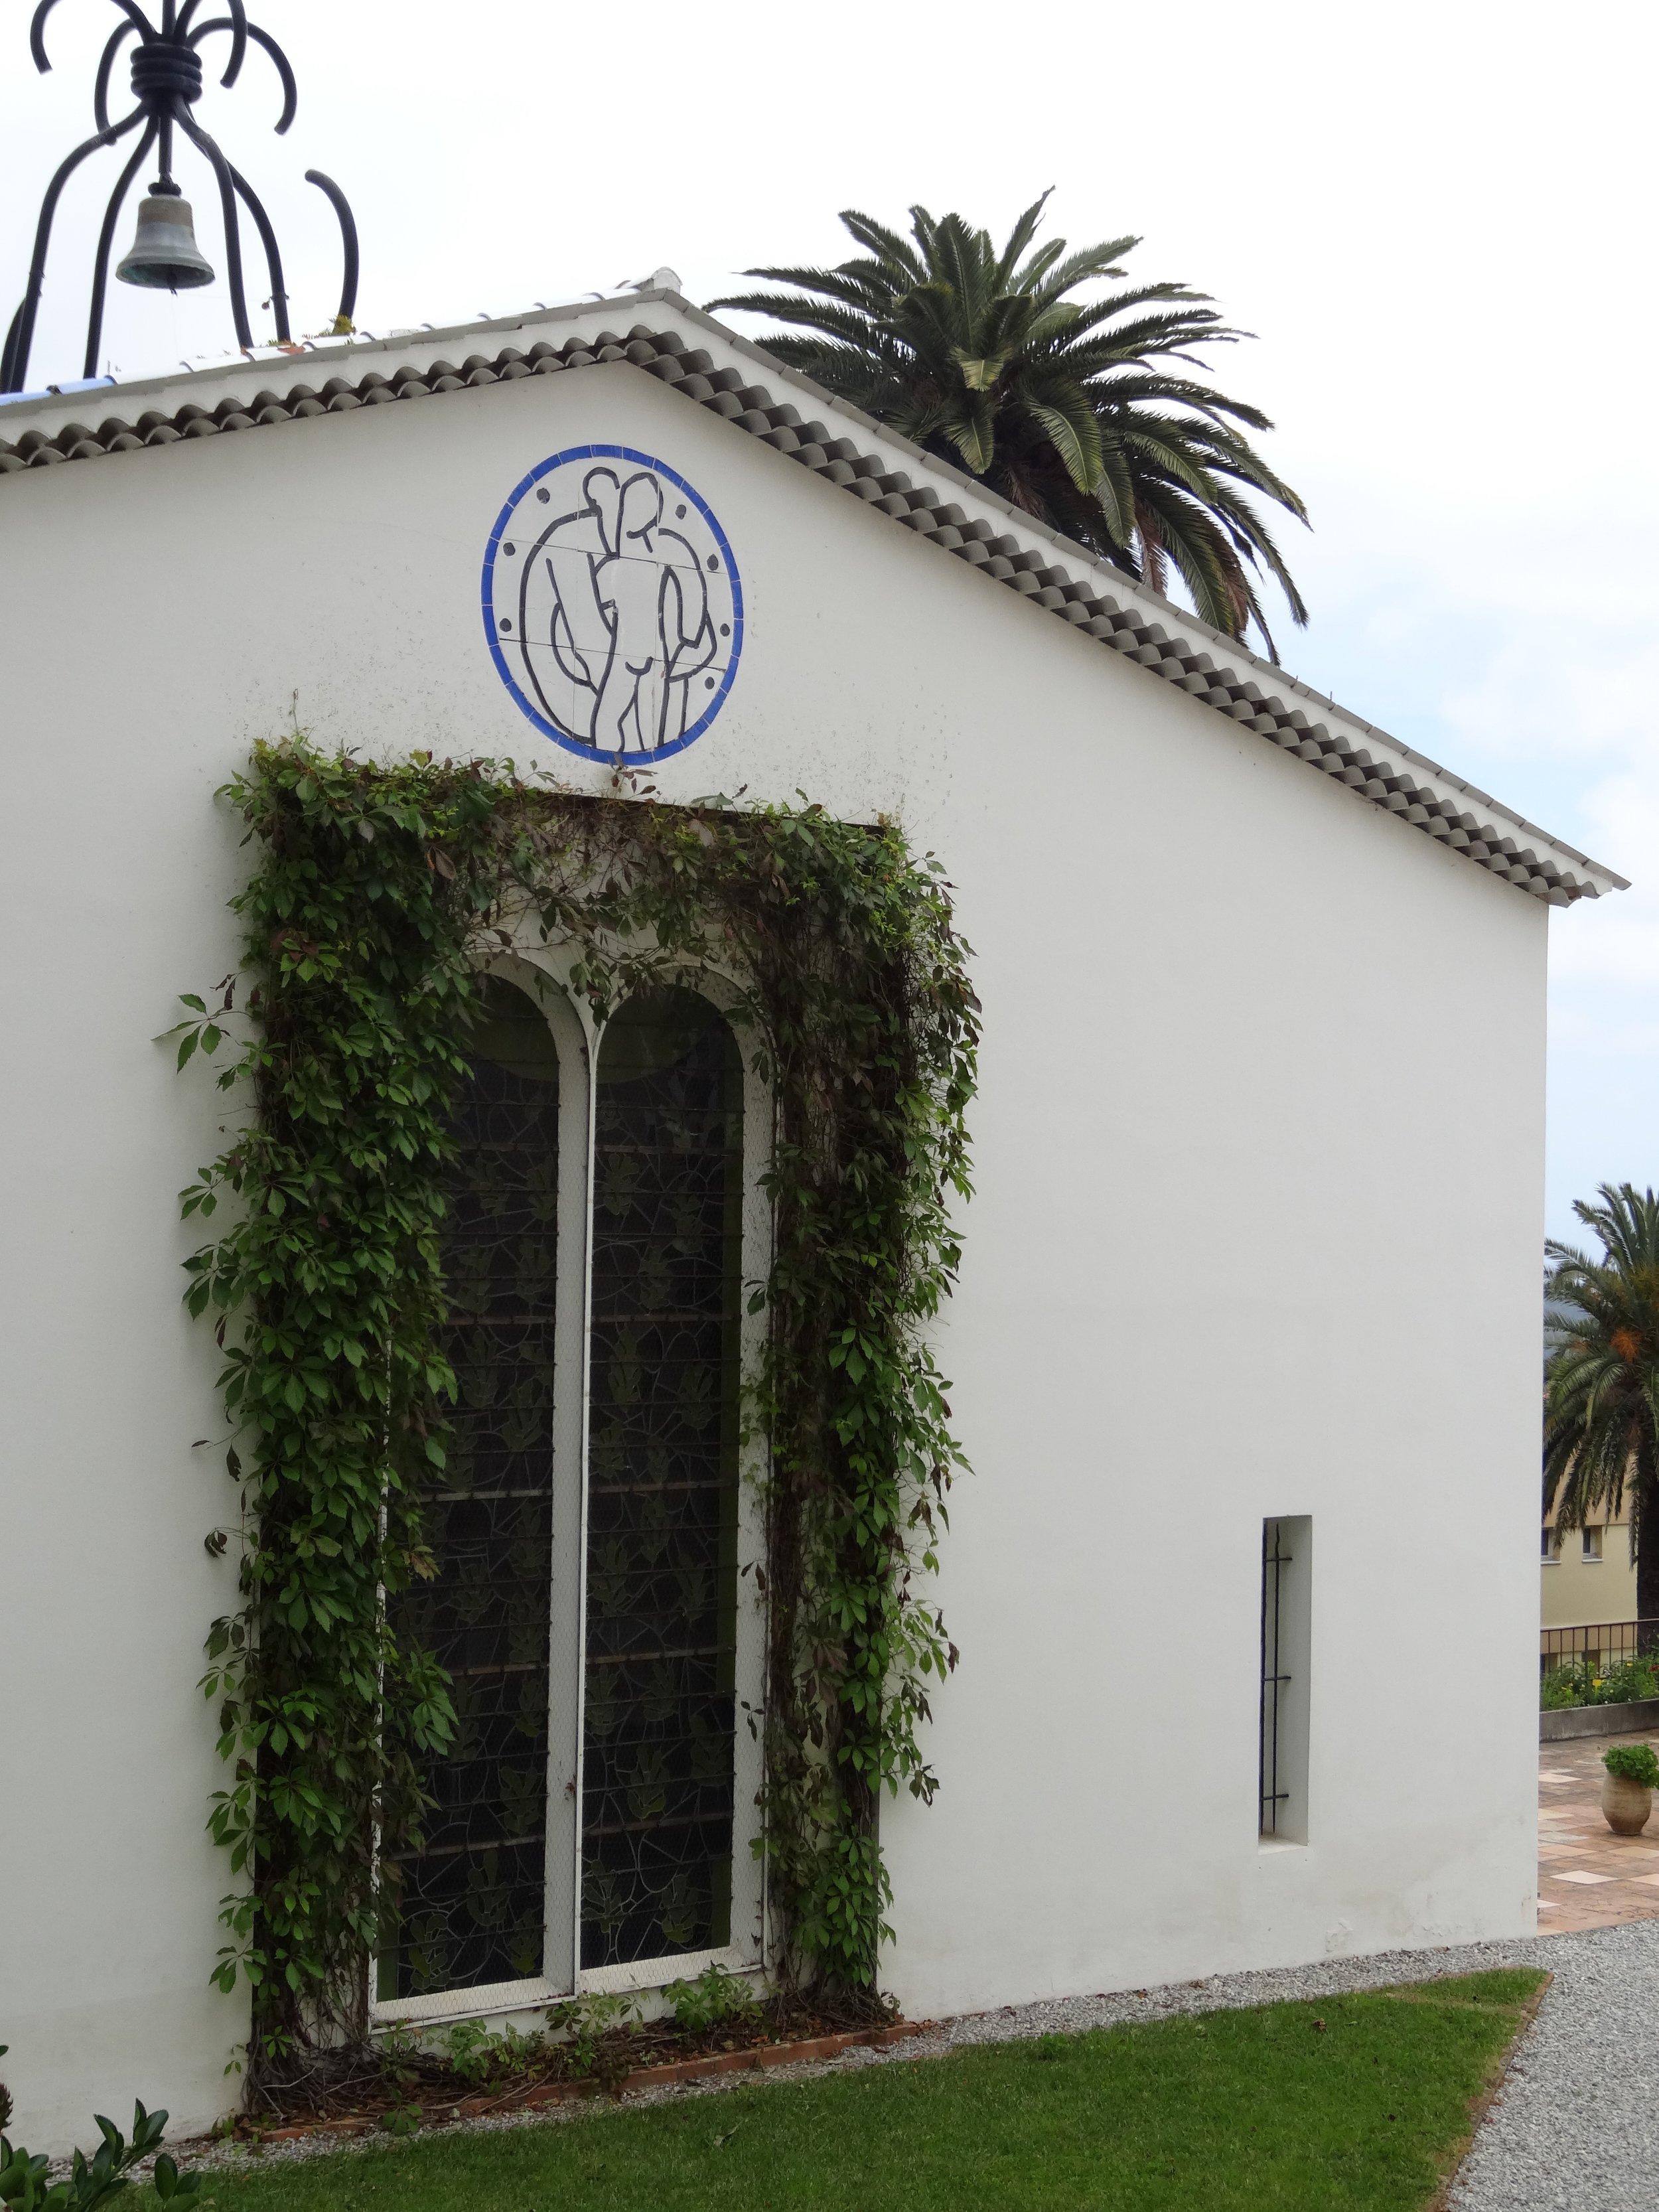 Chapelle du Rosaire, Vence, France.